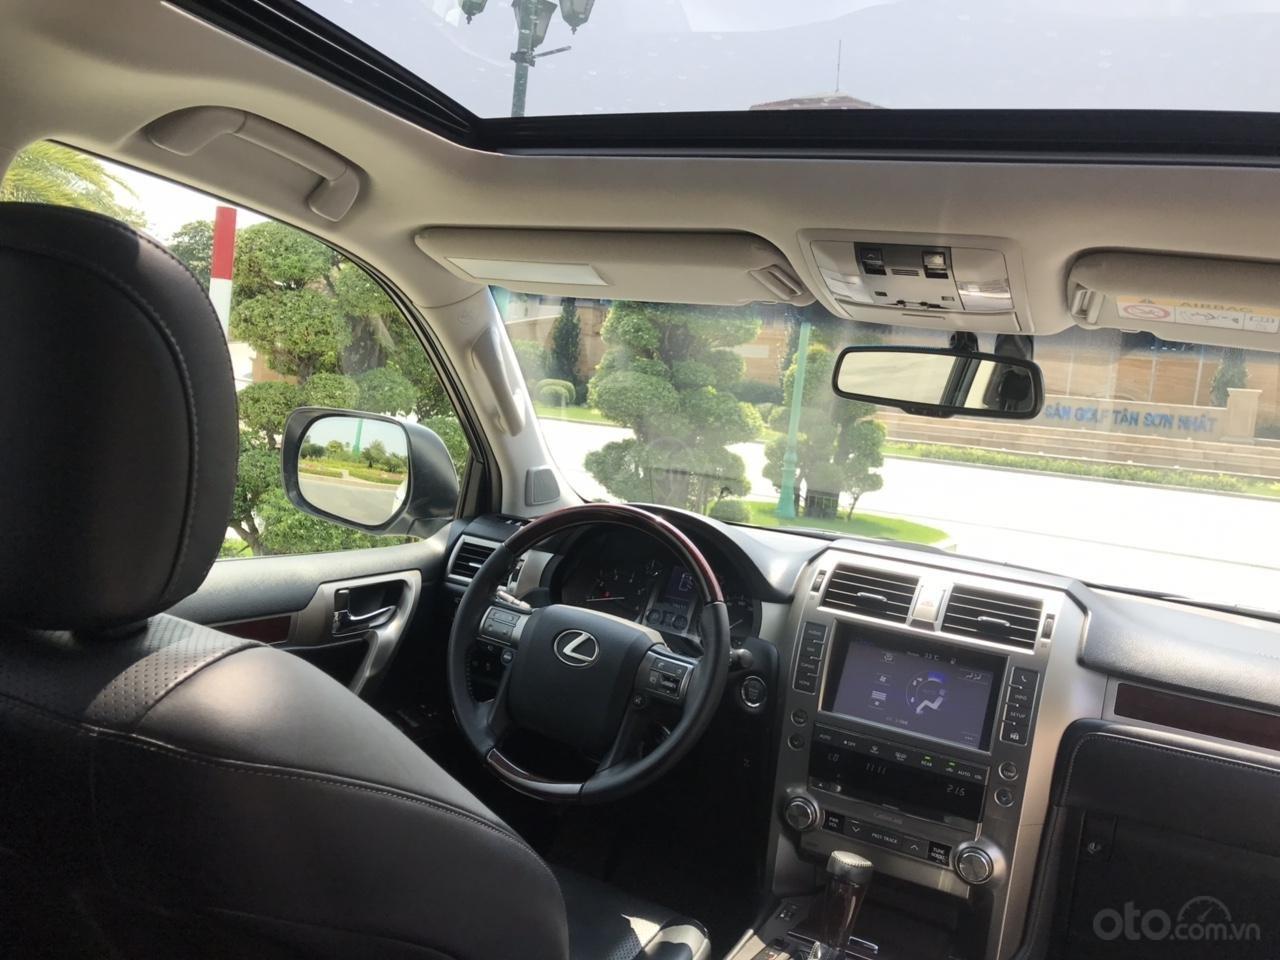 Bán xe Lexus GX460 Luxury 2016, màu trắng, bản đủ-9